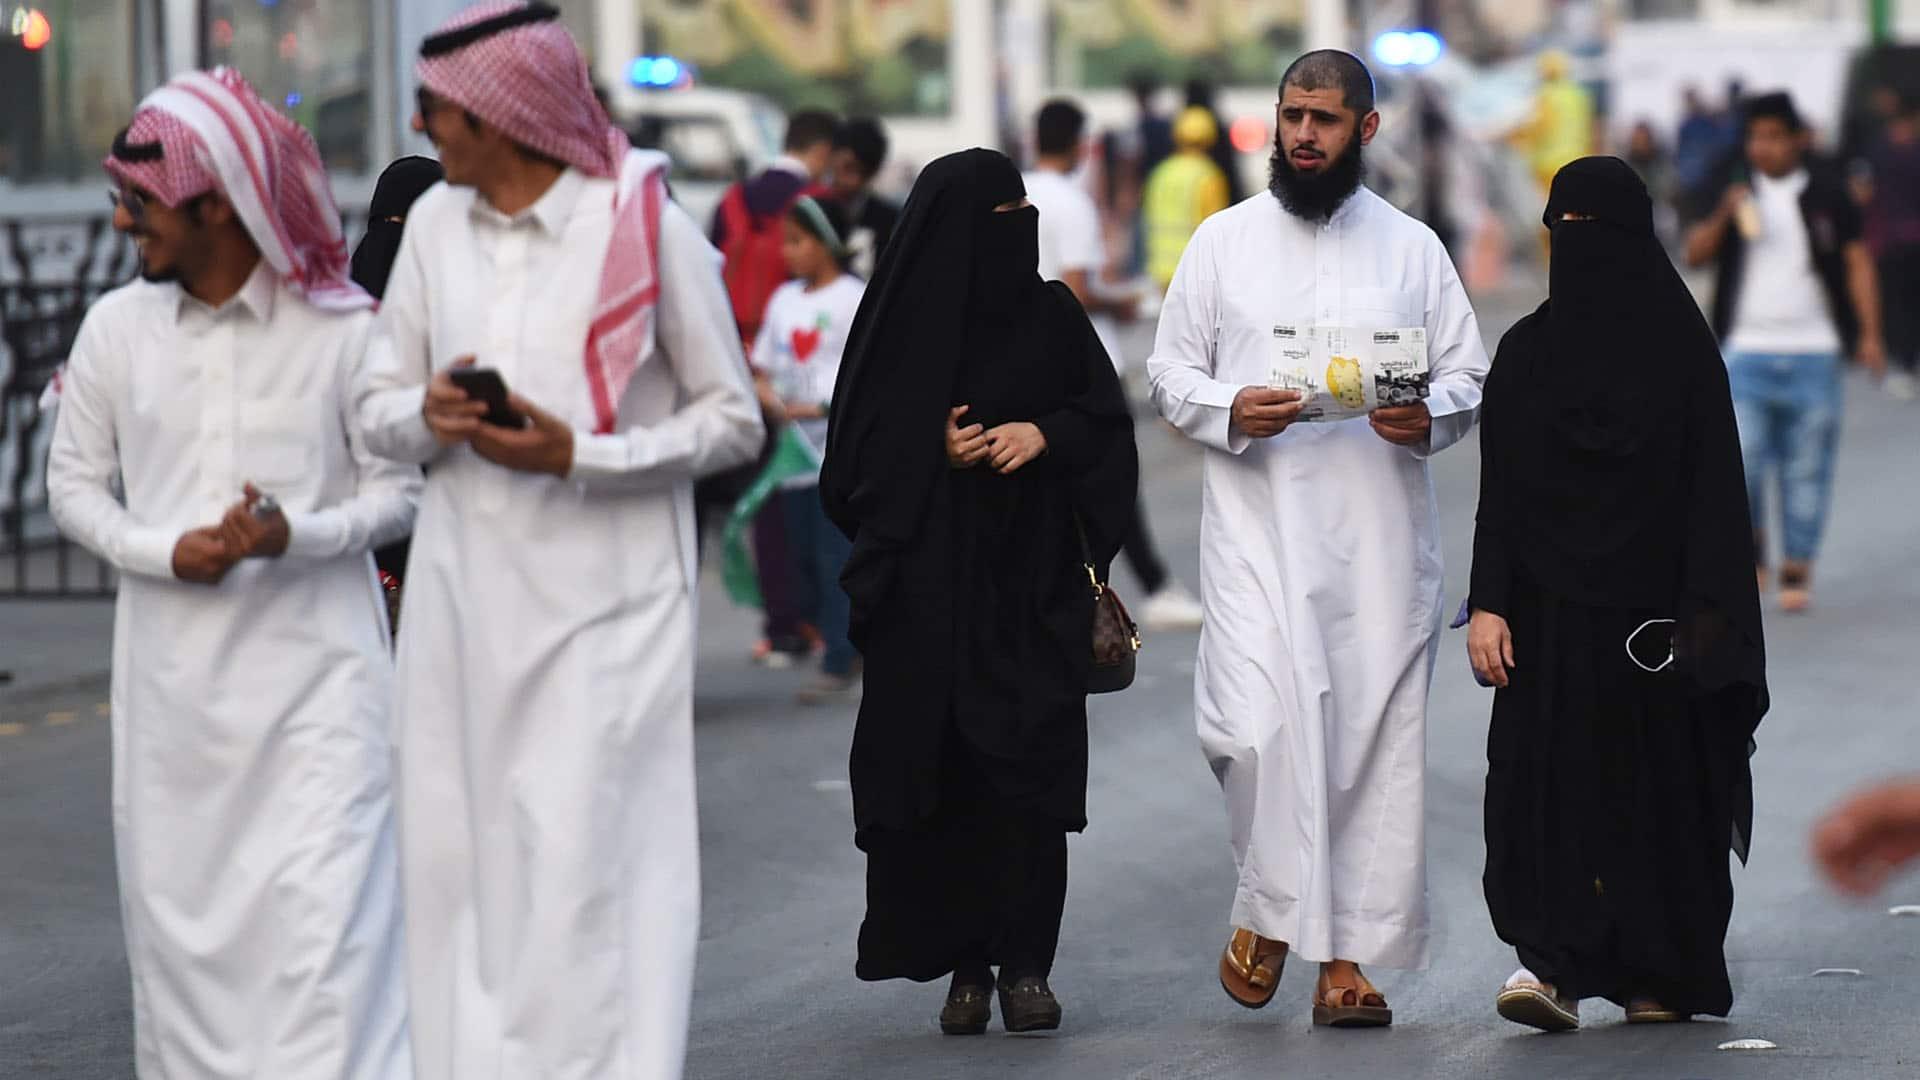 اعتقال الداعية السعودية عائشة المهاجري